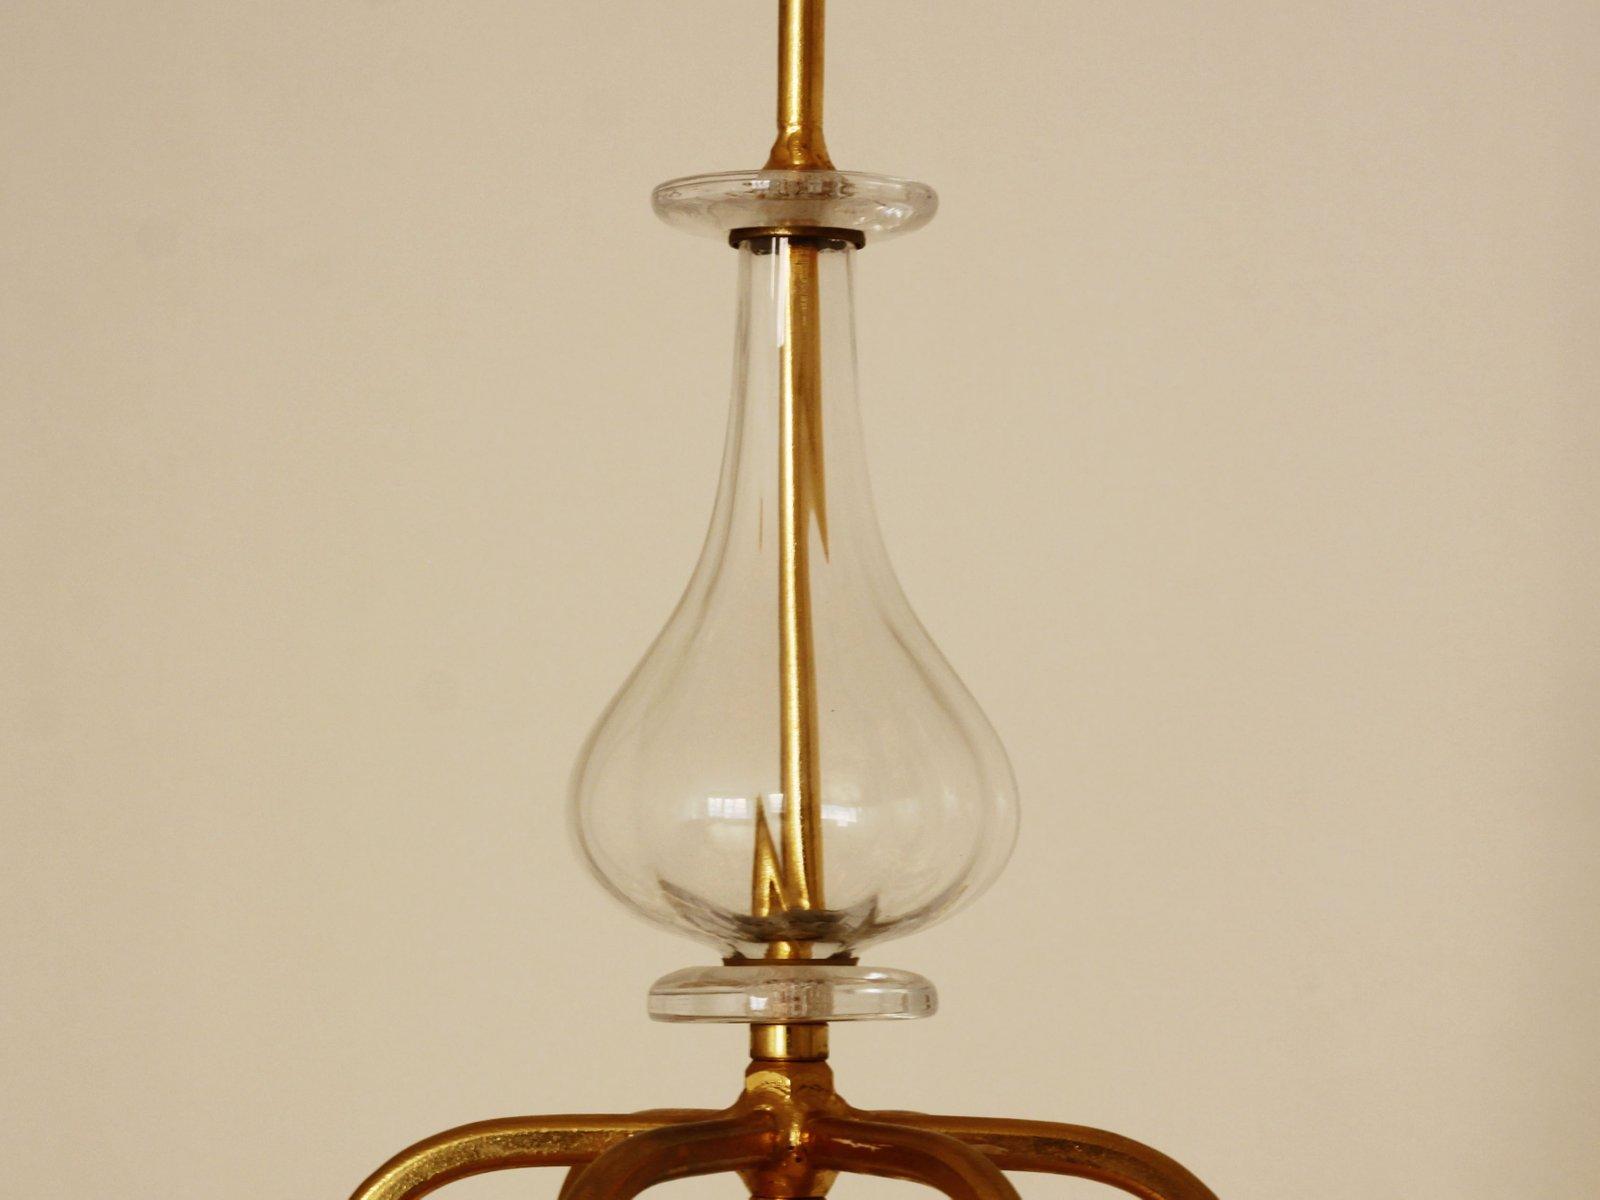 Kronleuchter Metall Für Kerzen ~ Ikea kronleuchter schwarz ebenfalls schön luxo hängeleuchte